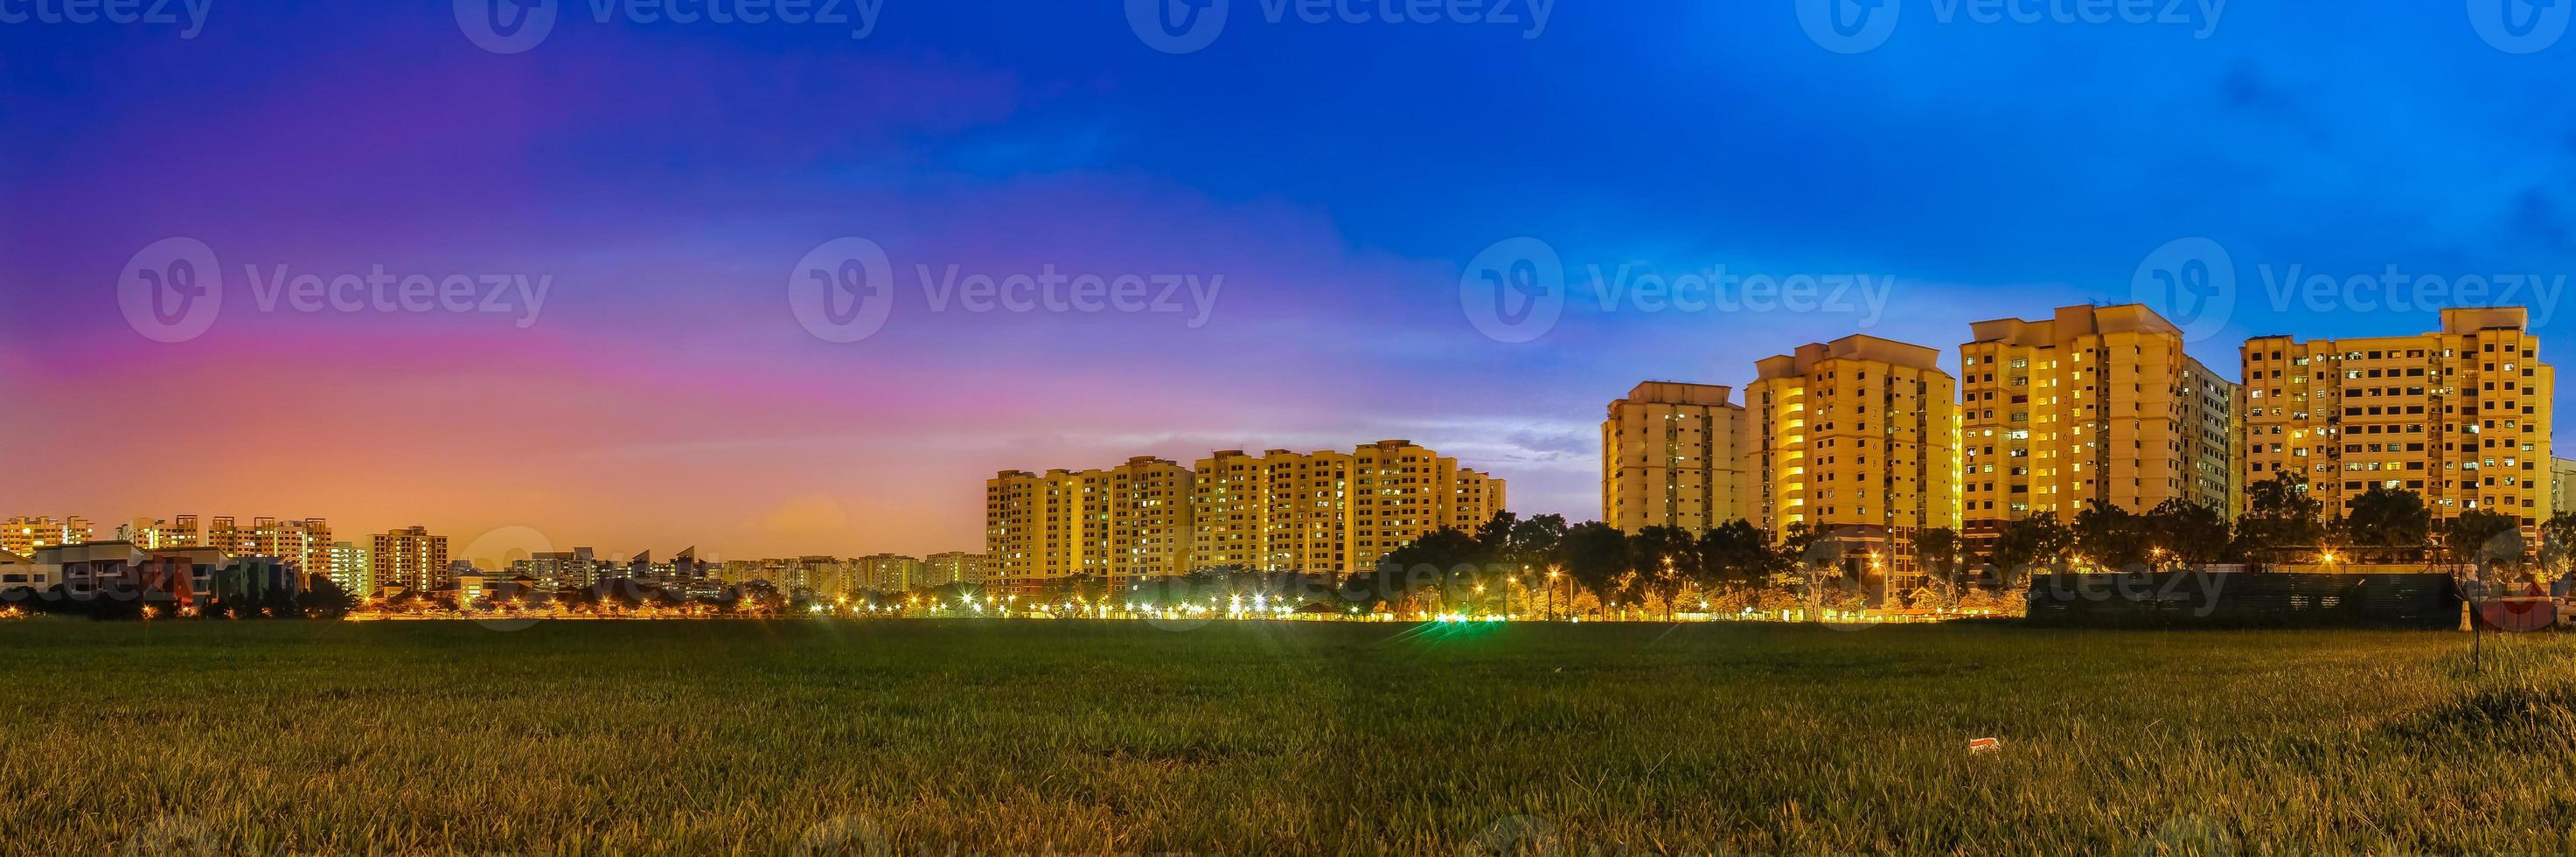 Crepúsculo Singapur foto